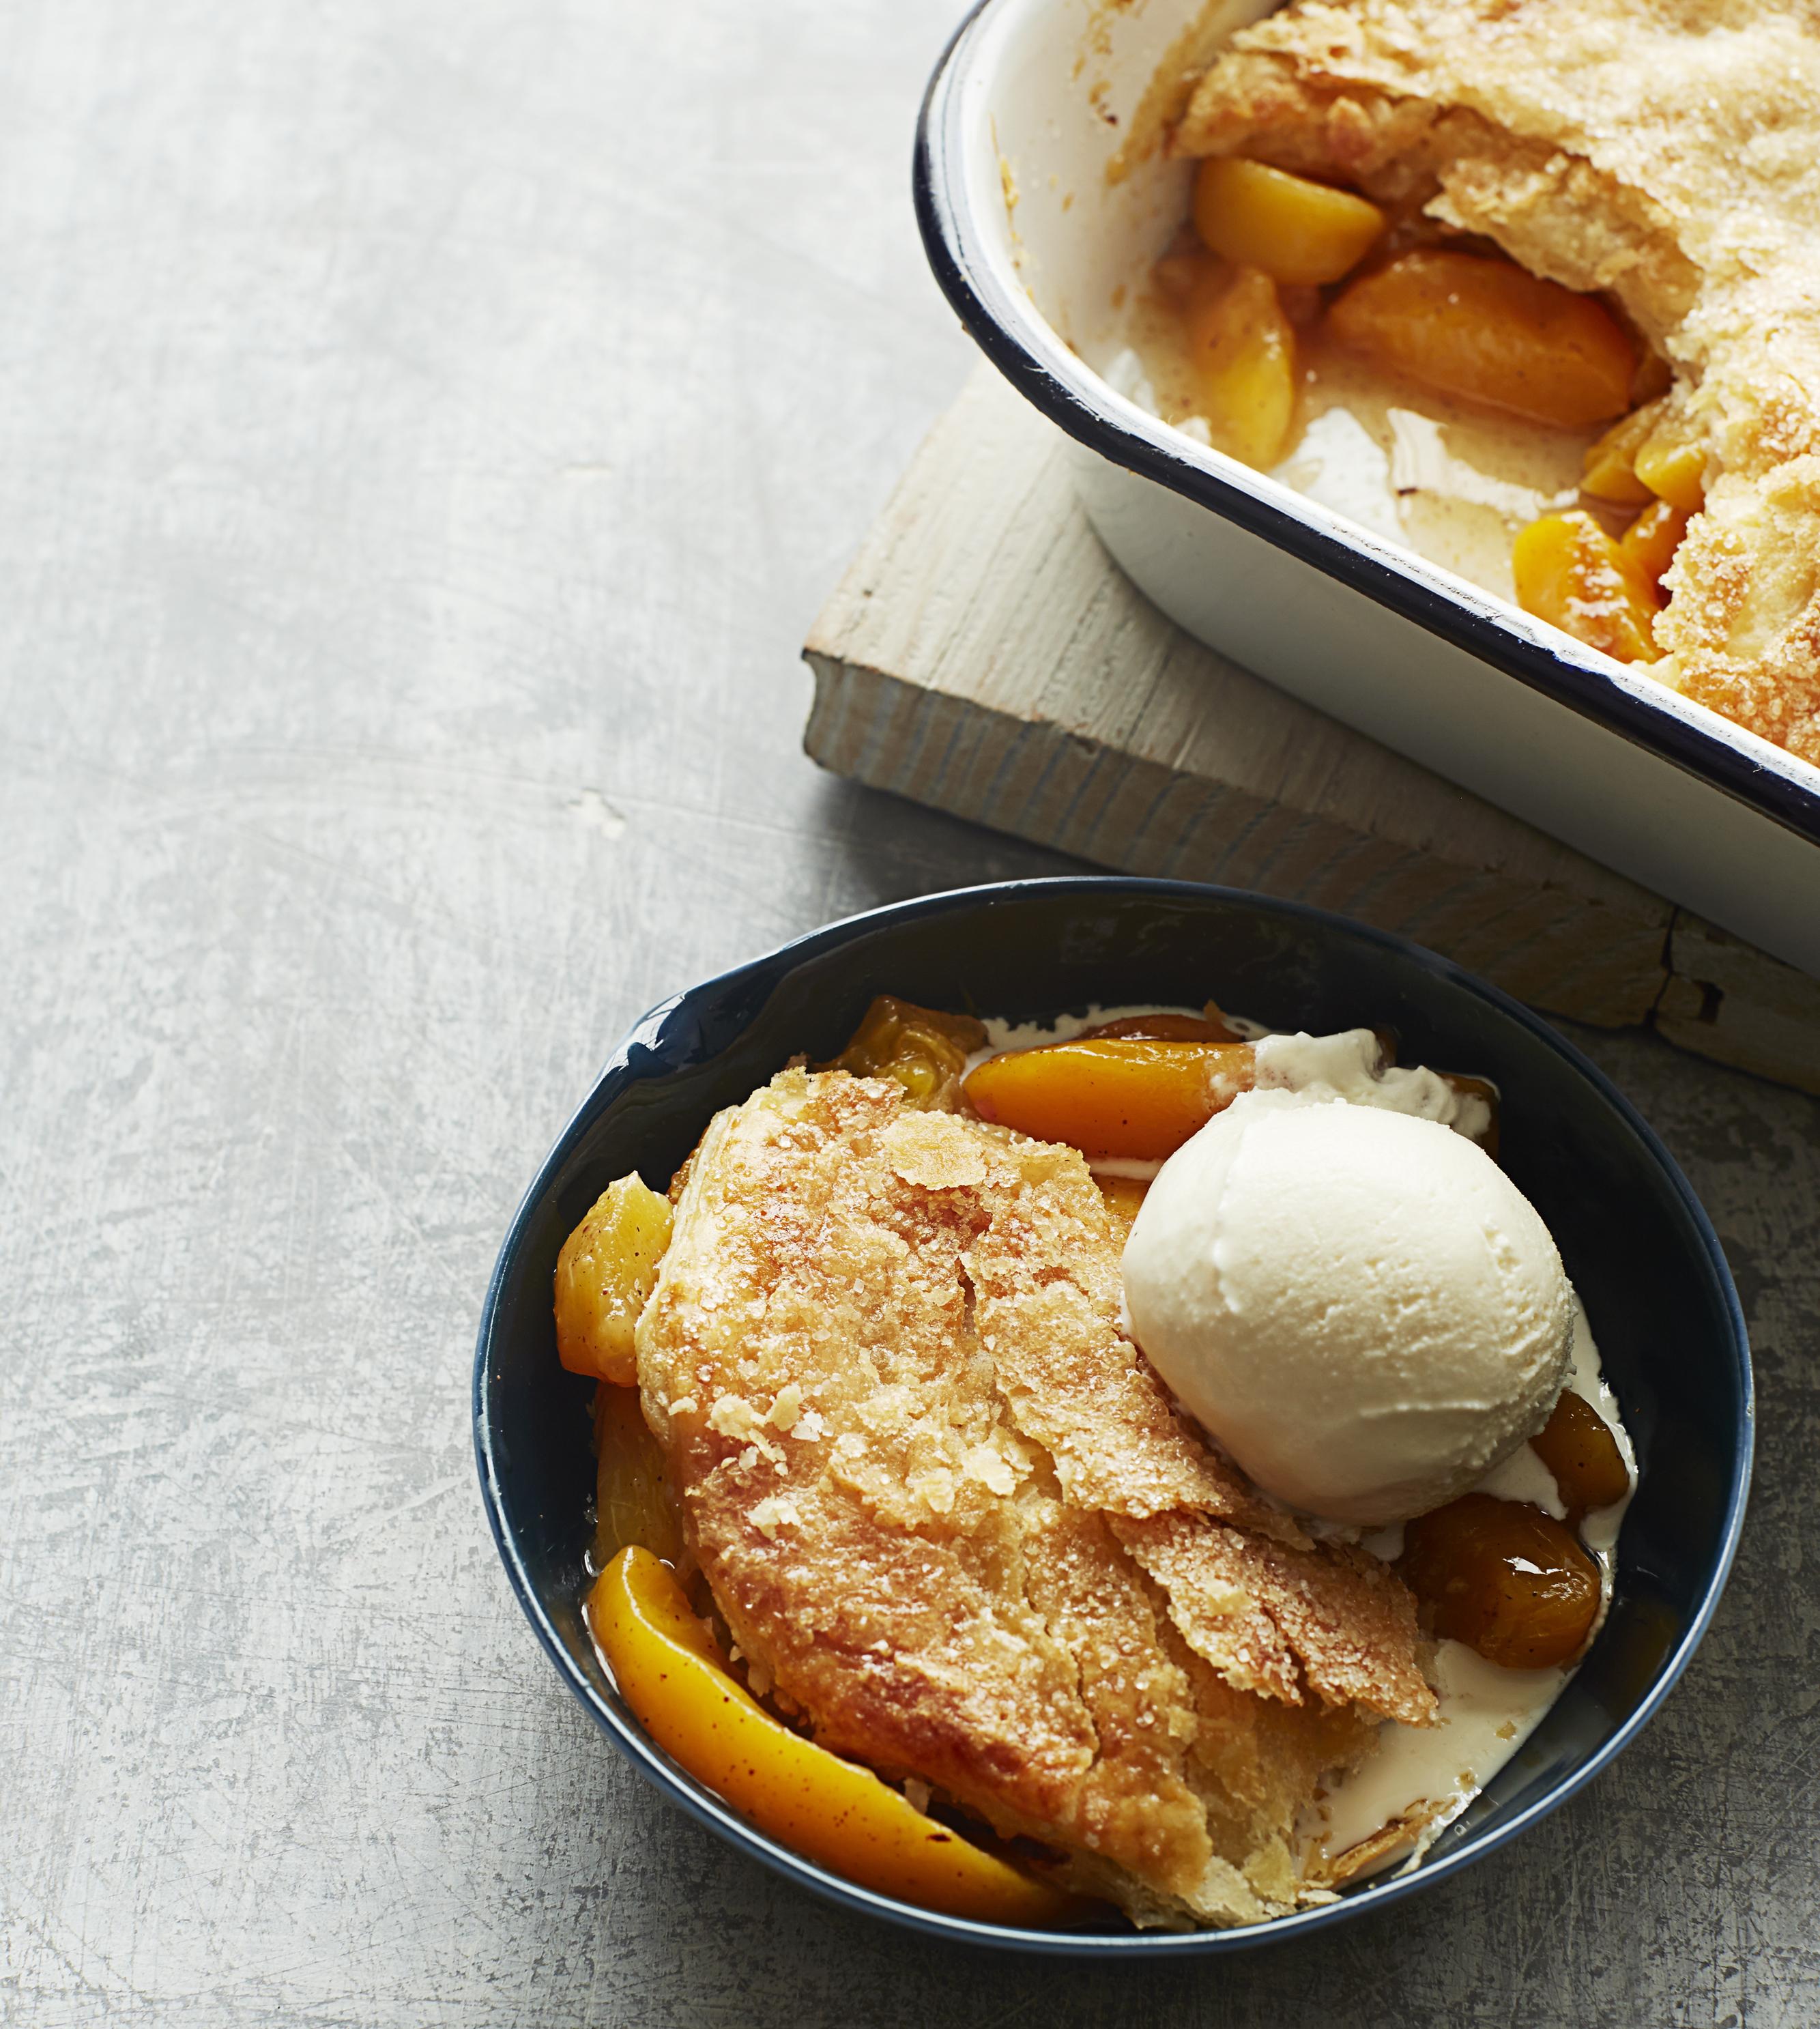 Carla's Peach Cobbler Recipe